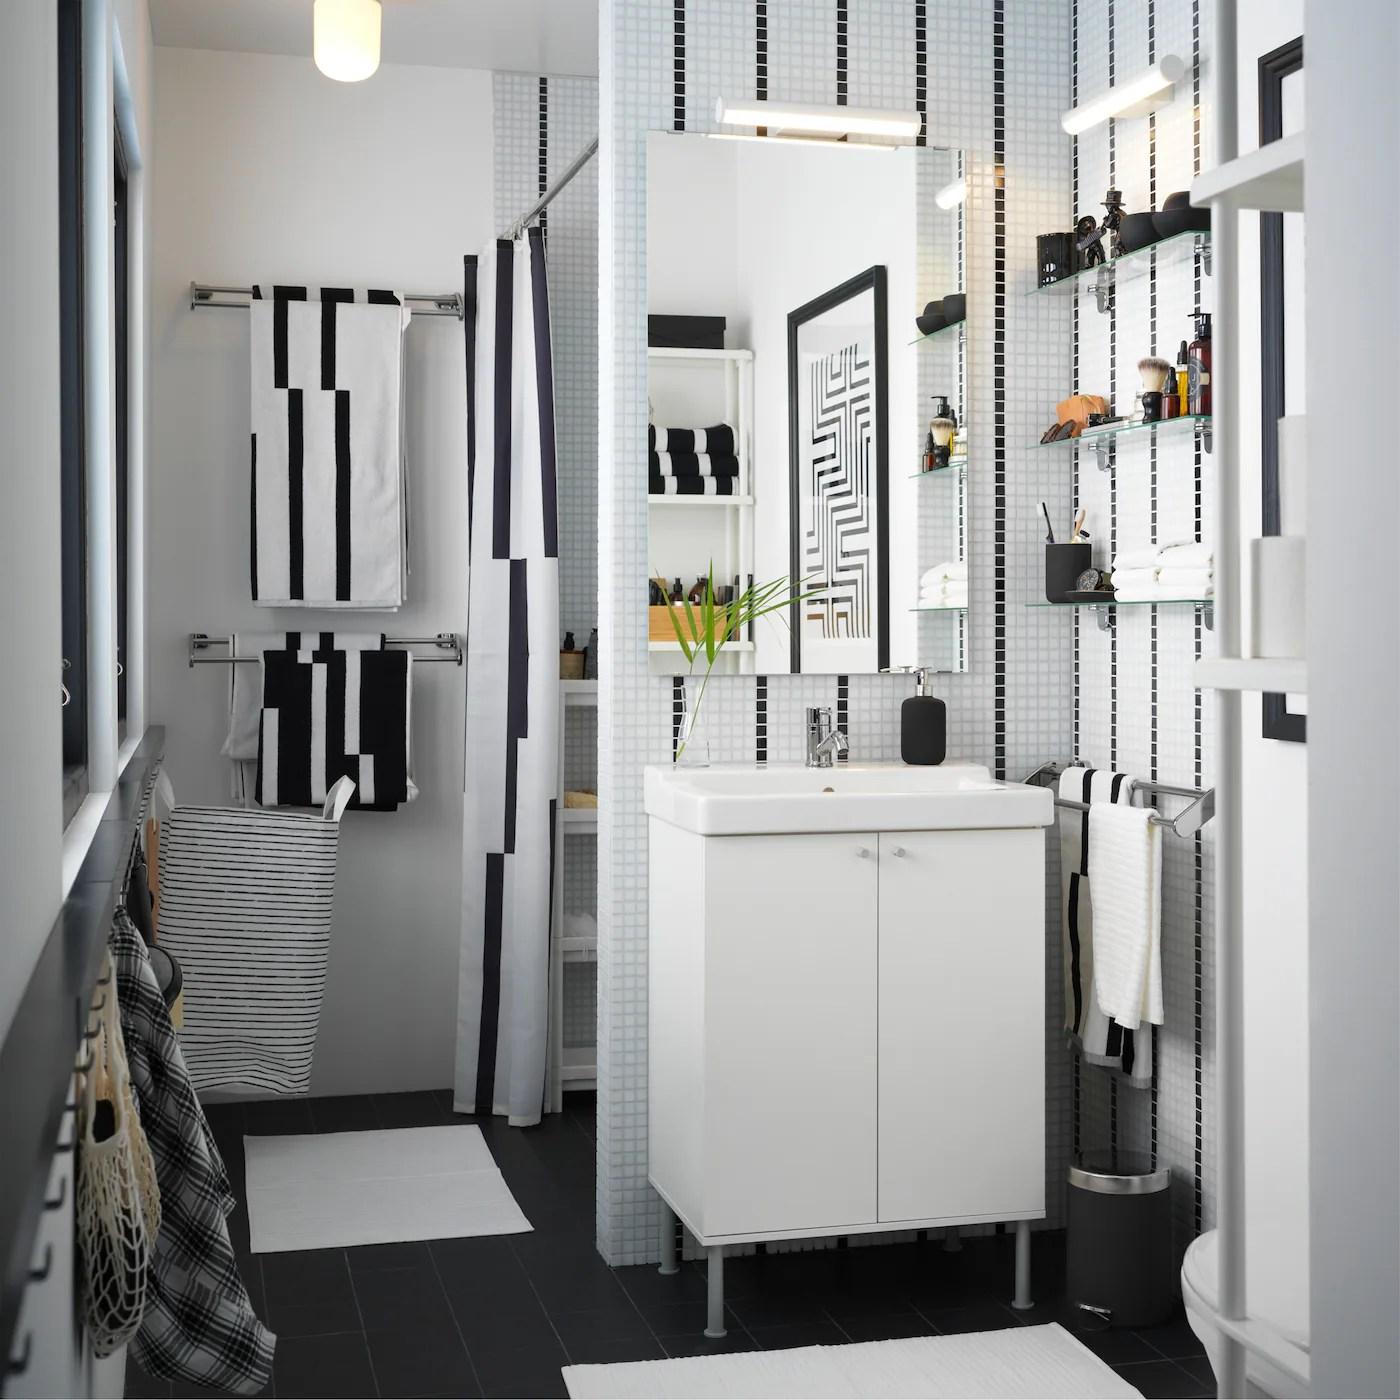 salle de bain fonctionnelle ikea